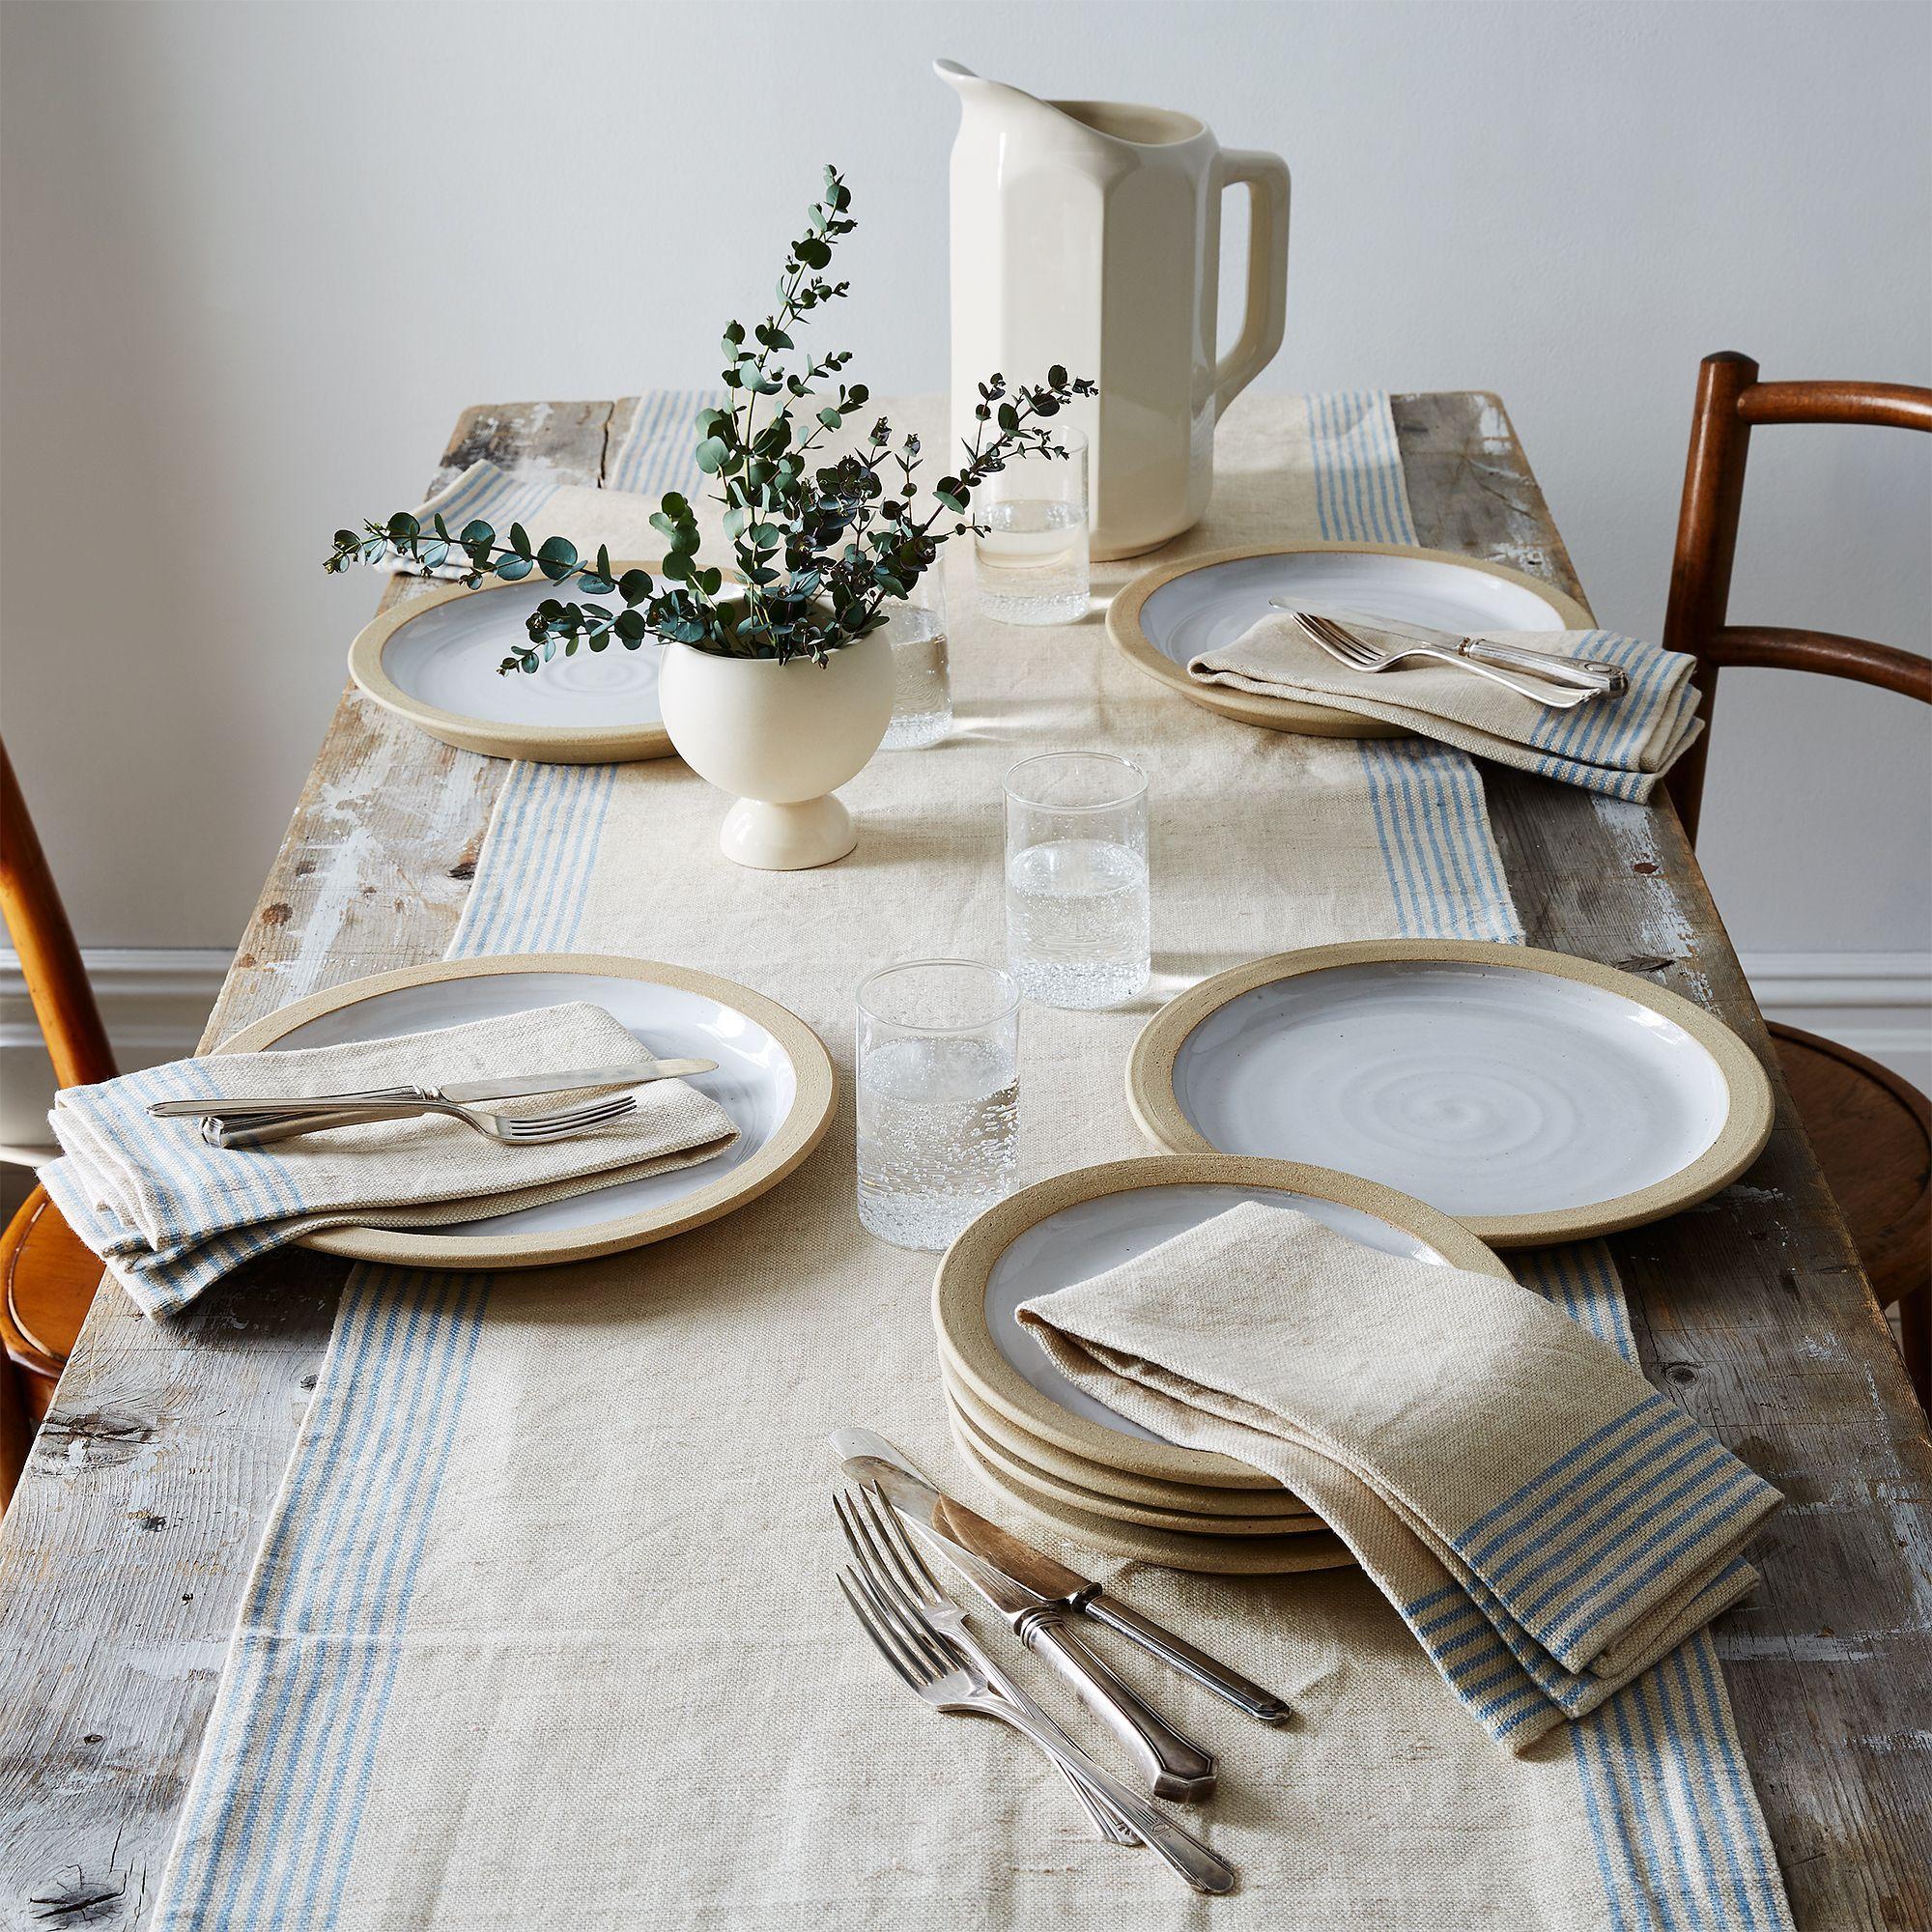 Agrarian Striped Linen Napkins Set Of 4 Linen Table Runner